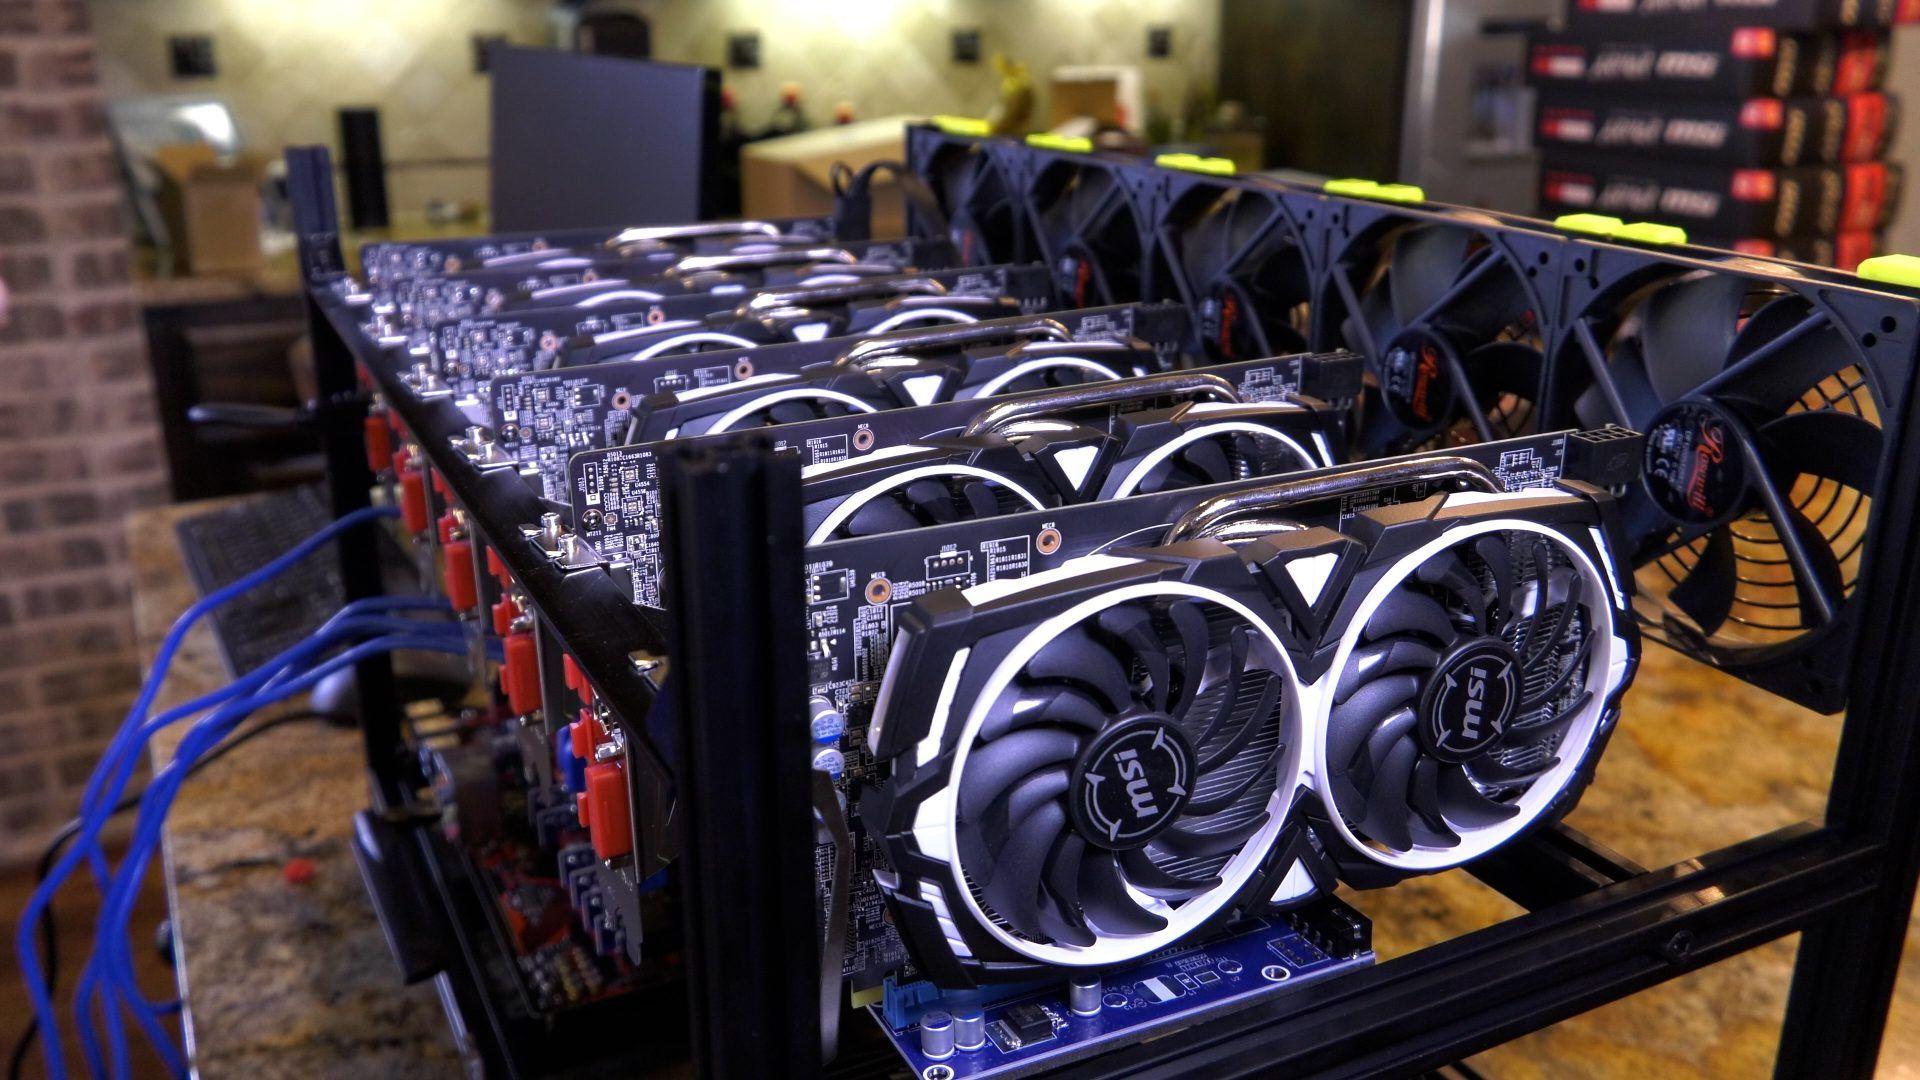 portail de trading crypto copier le commerçant de bitcoin